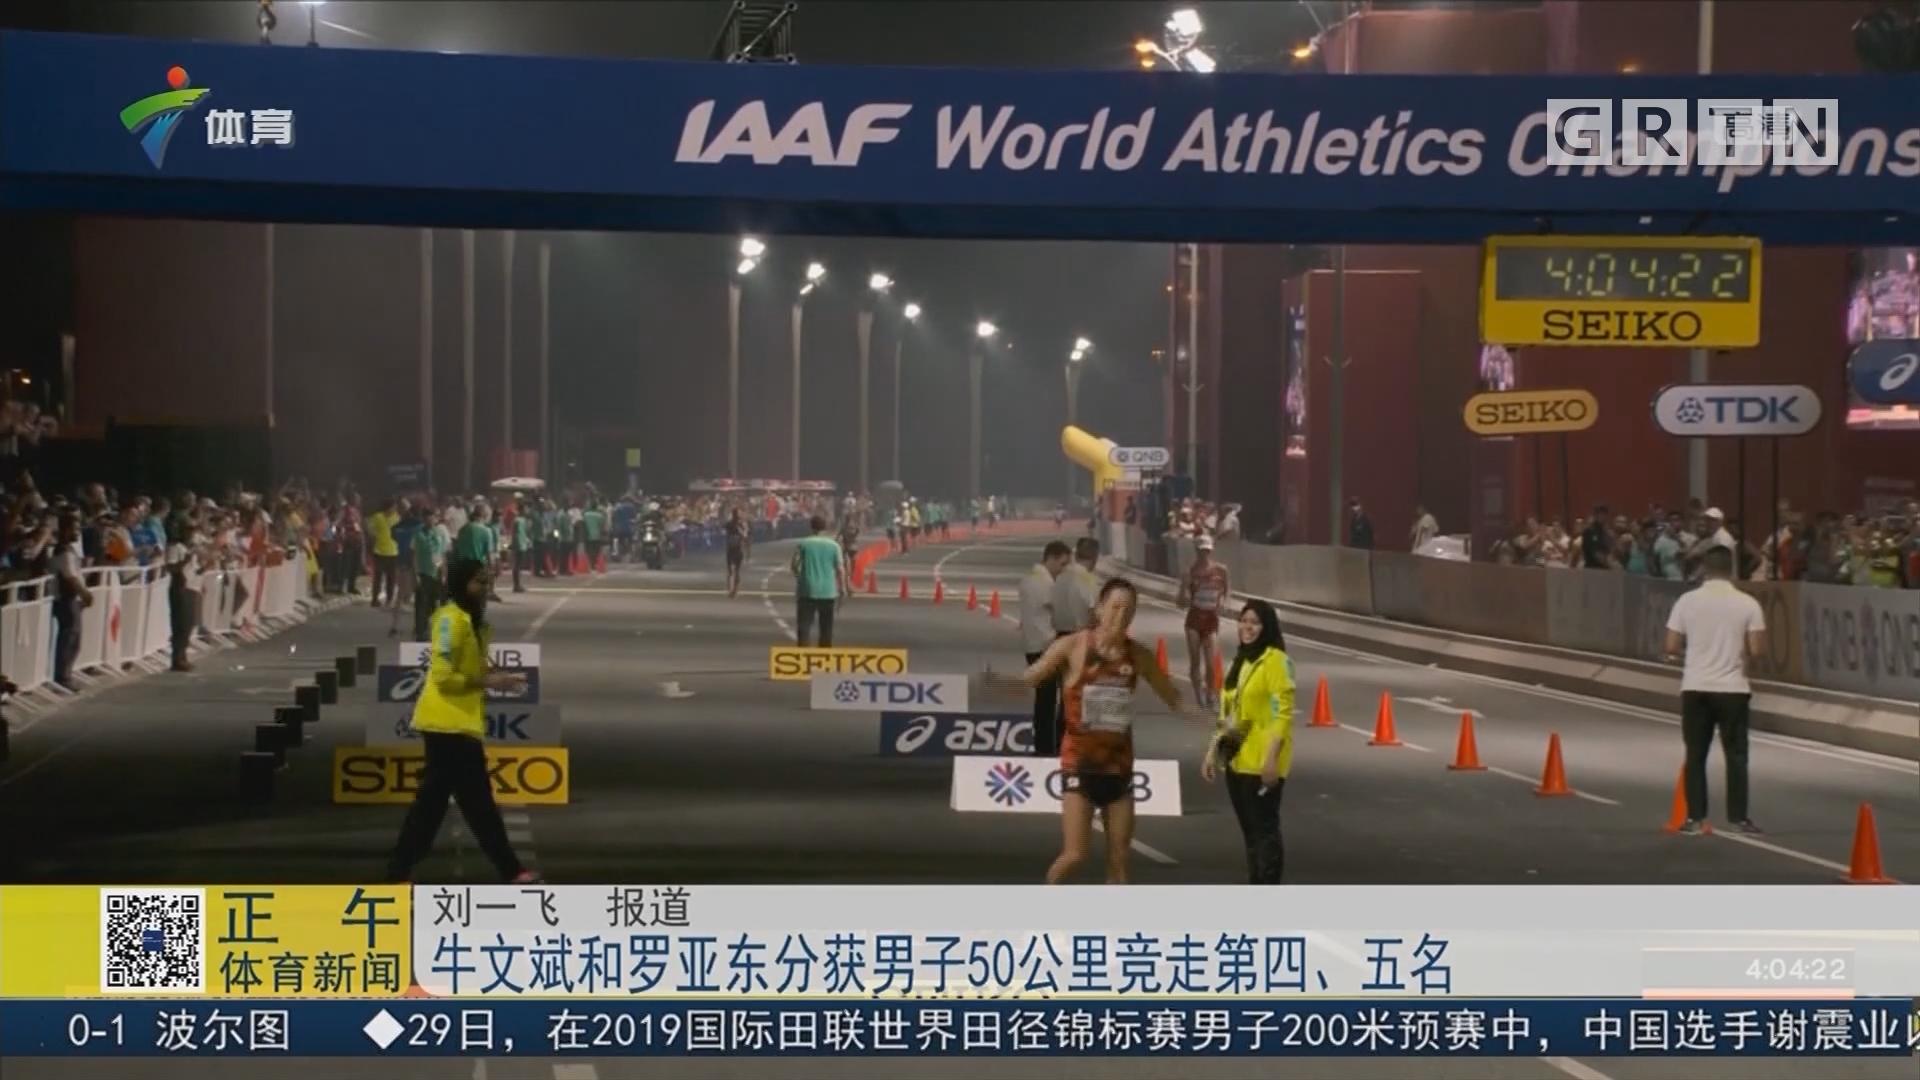 牛文斌和罗亚东分获男子50公里竞走第四、五名